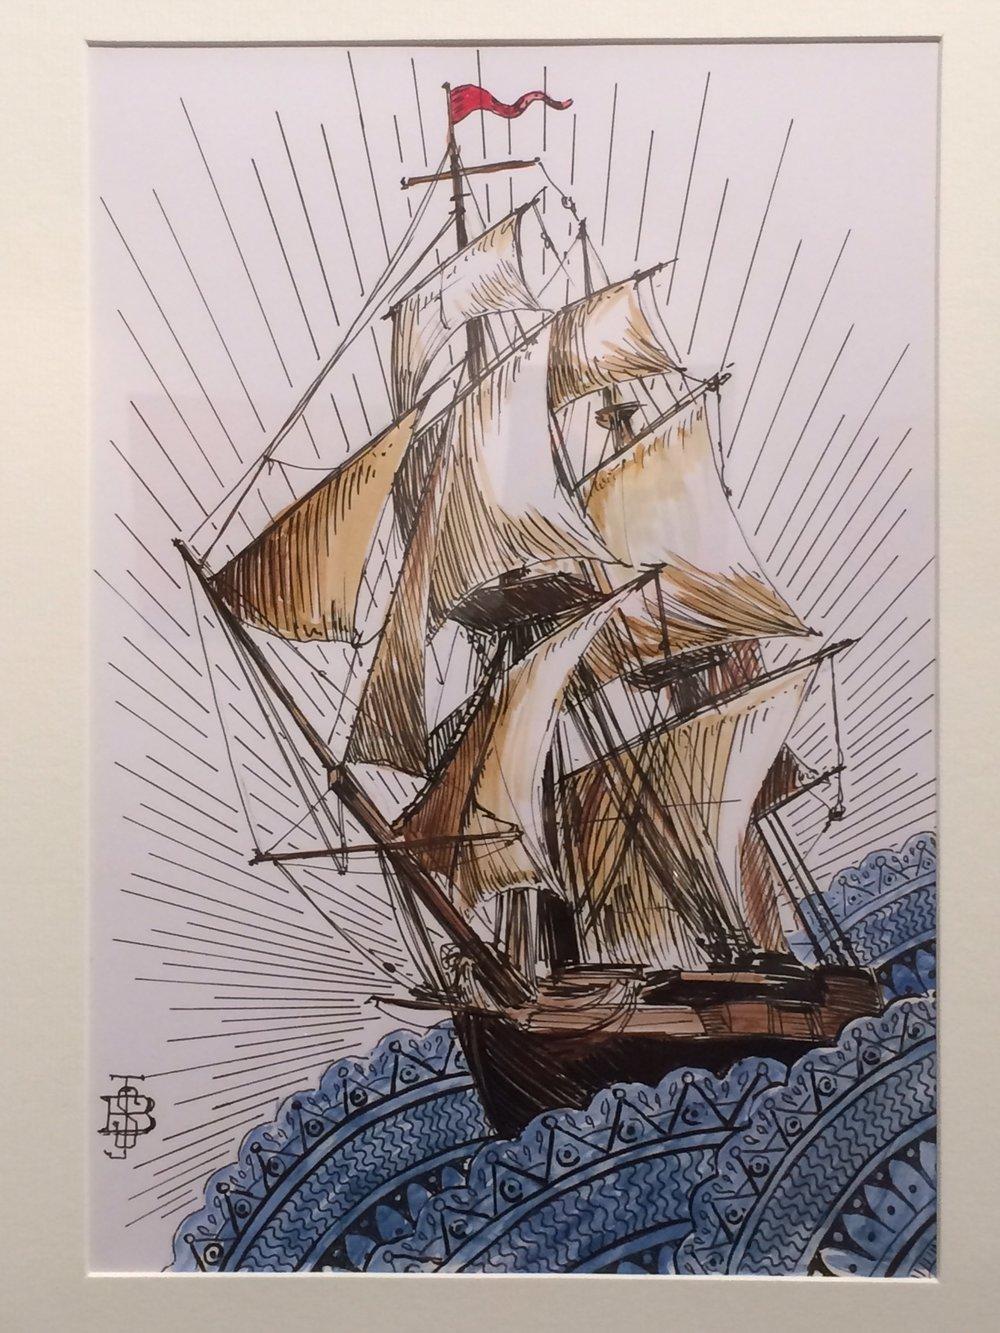 'Tallship' - £300 (framed)